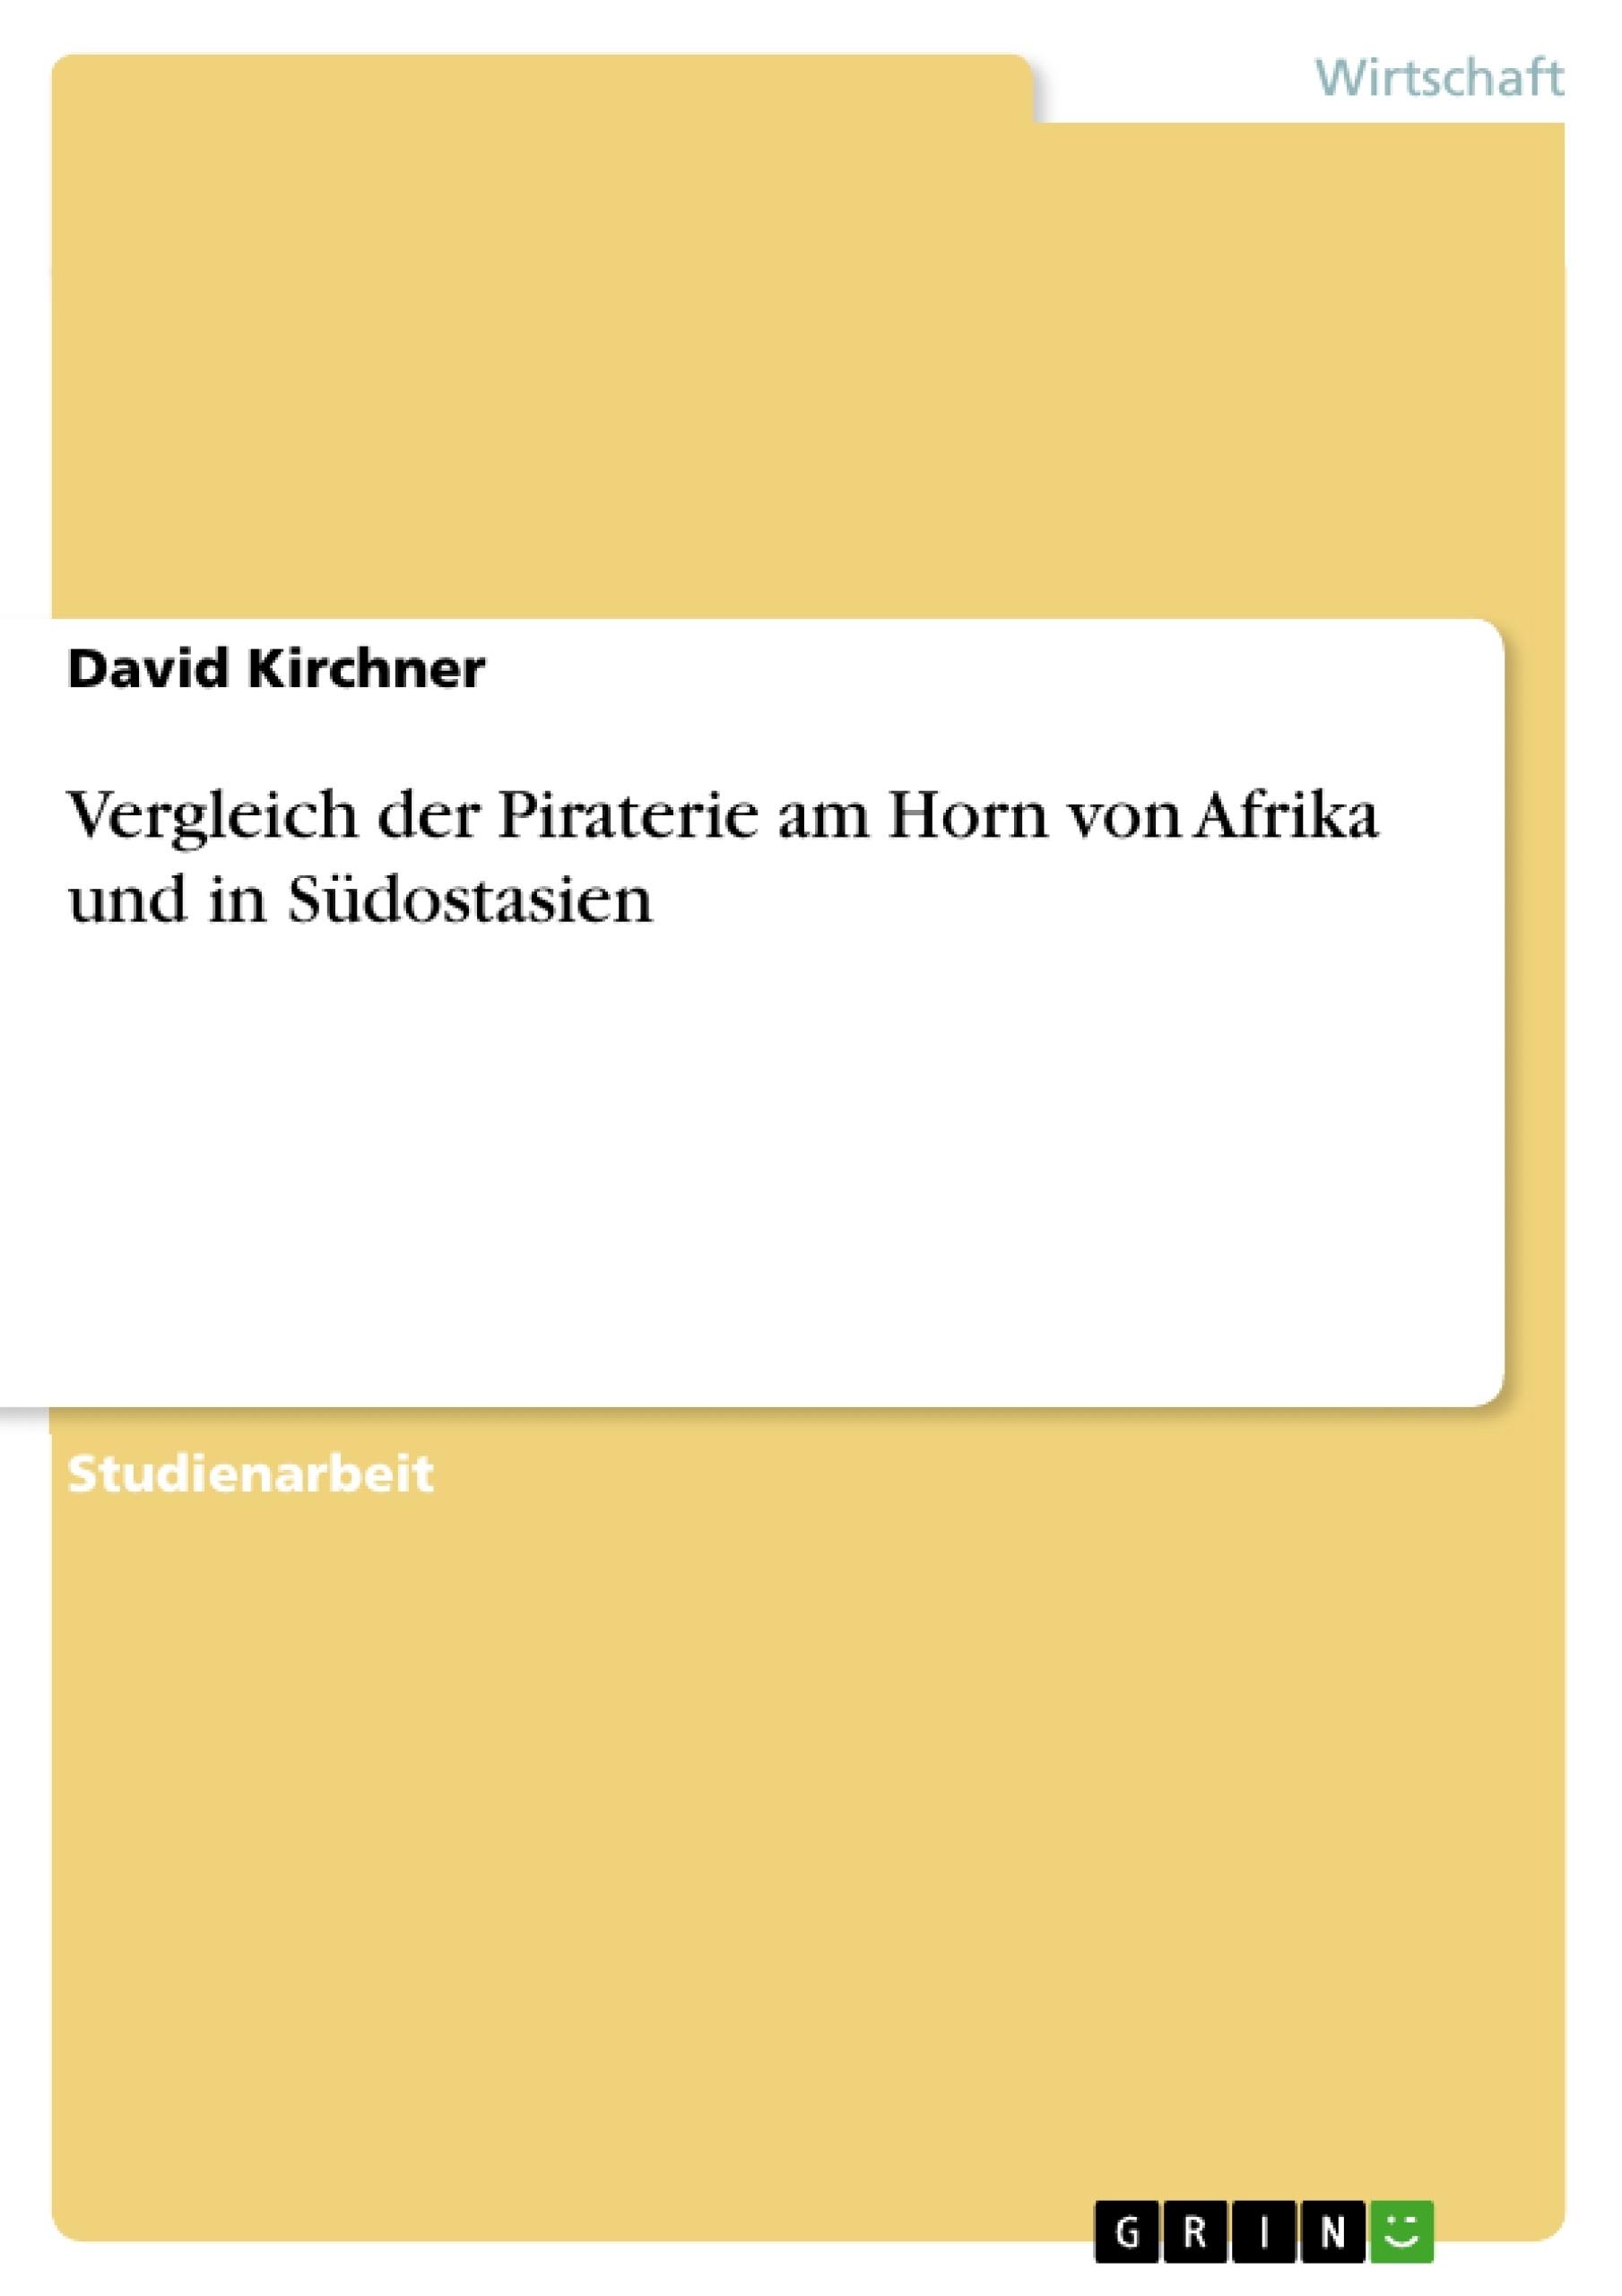 Titel: Vergleich der Piraterie am Horn von Afrika und in Südostasien